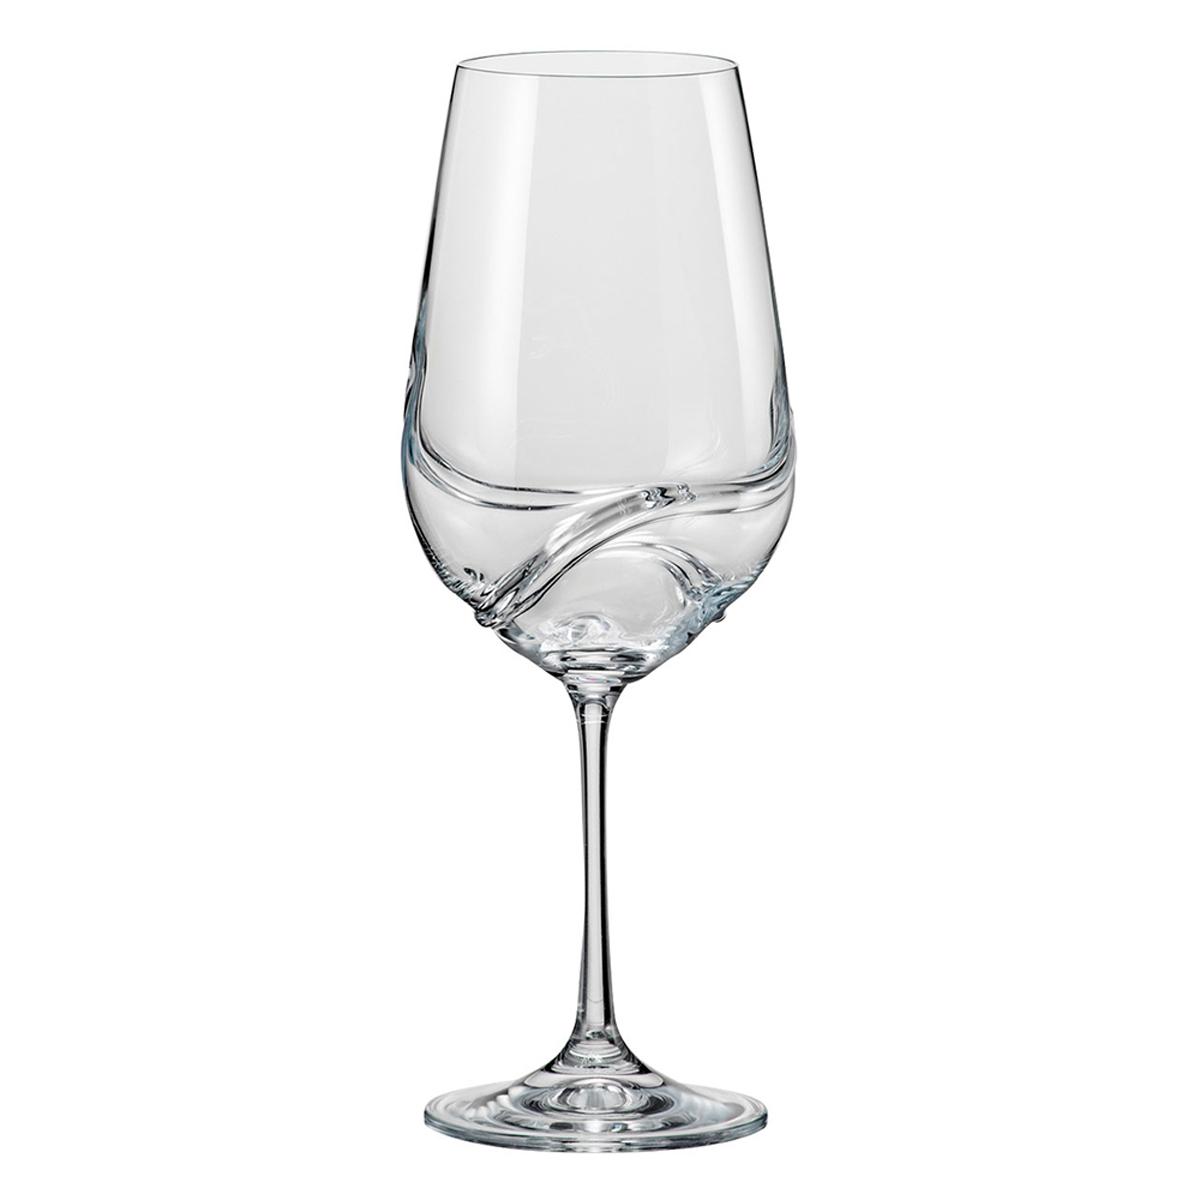 """Бокалы для вина Bohemia Crystal коллекции """"Турбуленция"""" украсят праздничный стол и создадут приятную атмосферу праздника. Они обладают привлекательным внешним видом, а материалом их изготовления является высококачественное хрустальное стекло. Кроме того, данный набор отлично подойдет в качестве оригинального подарка вашим родным и близким. Объем бокала 550 мл. Количество в упаковке 2 шт.На стенках бокалов имеются спирали, которые получаются специальным методом выдува стекла. Спираль одновременно функциональный и украшающий элемент, который ускоряет процесс оксигенации вина и выделения аромата. Благодаря этому, вино не требует часового отстаивания в декантере, достаточно всего несколько секундного вращения в бокале."""